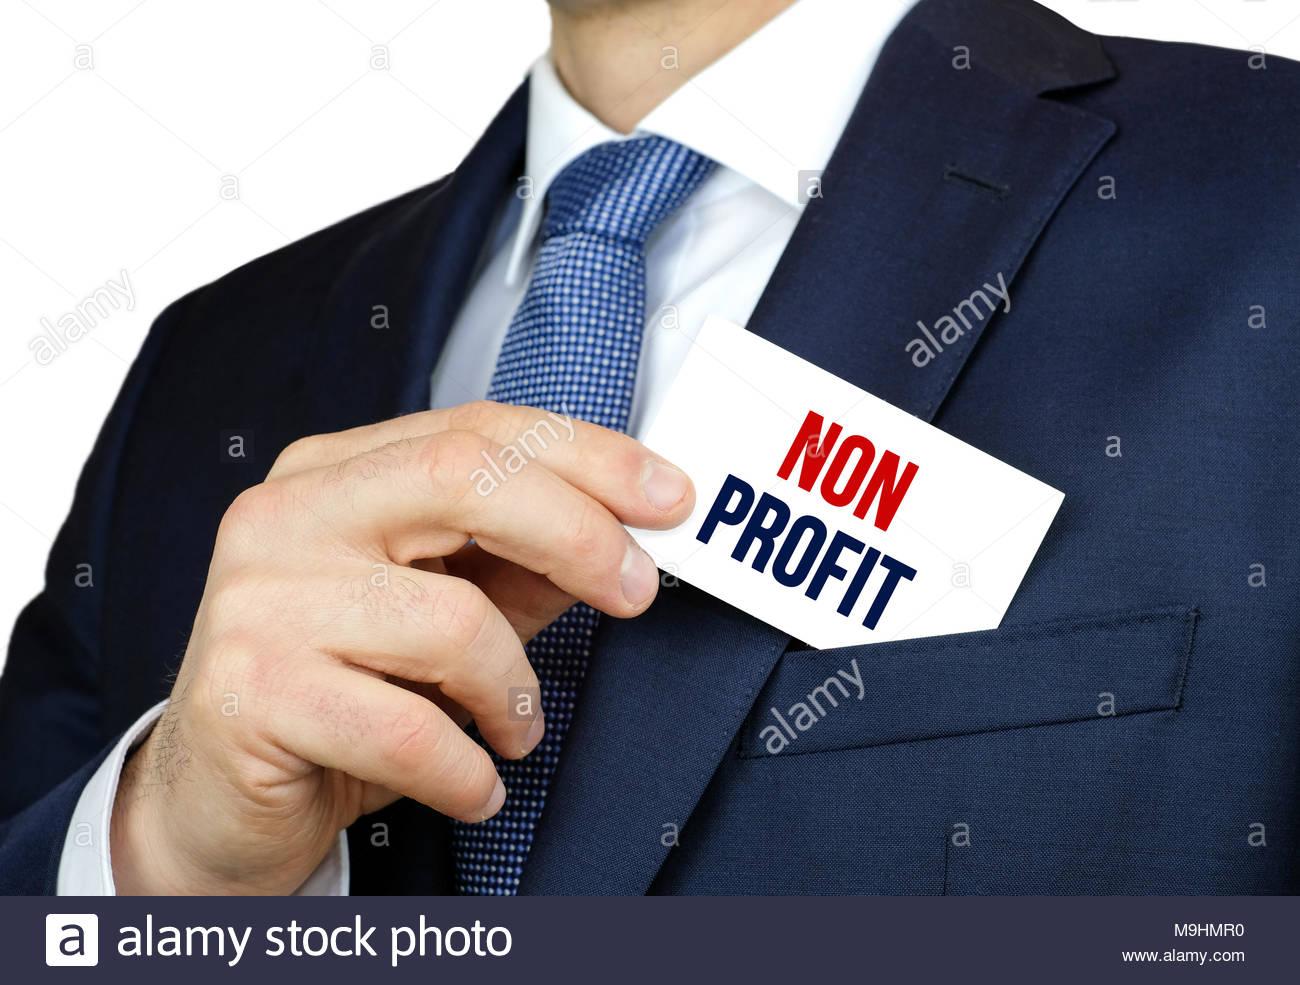 NON PROFIT - business concept - Stock Image